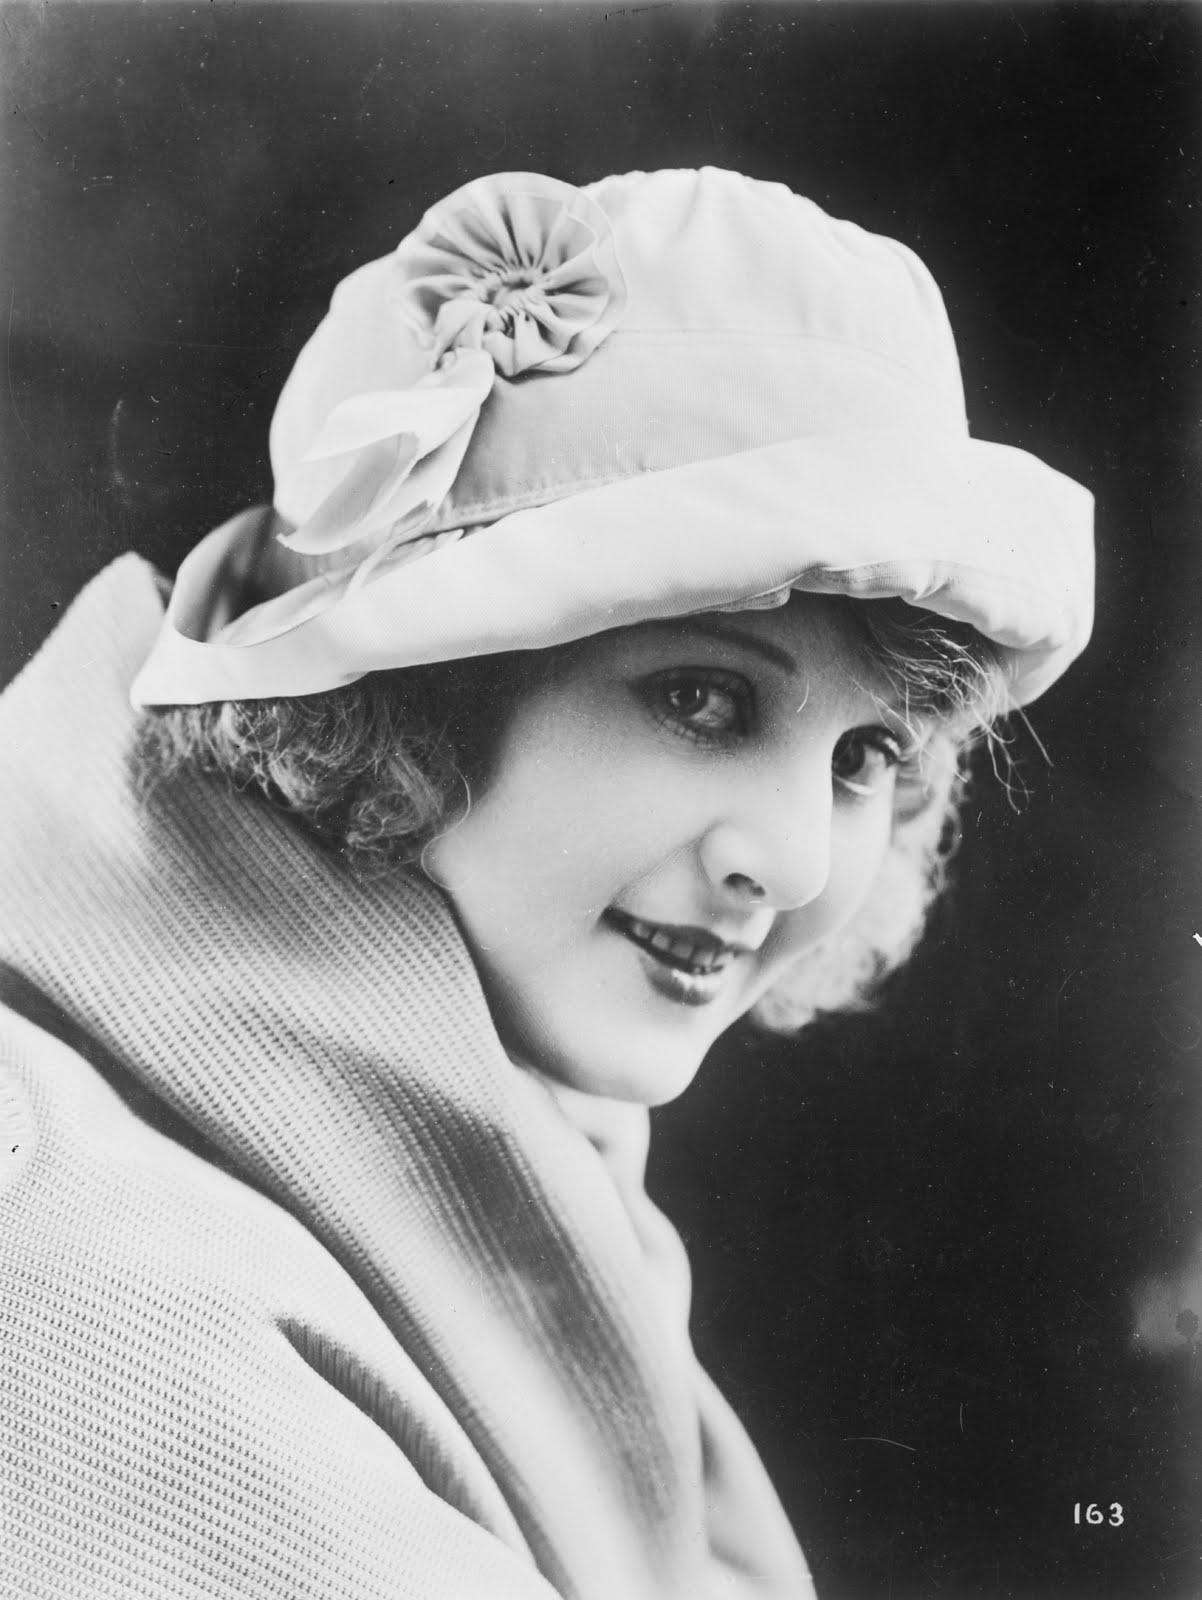 Vintage Actress Photos 113